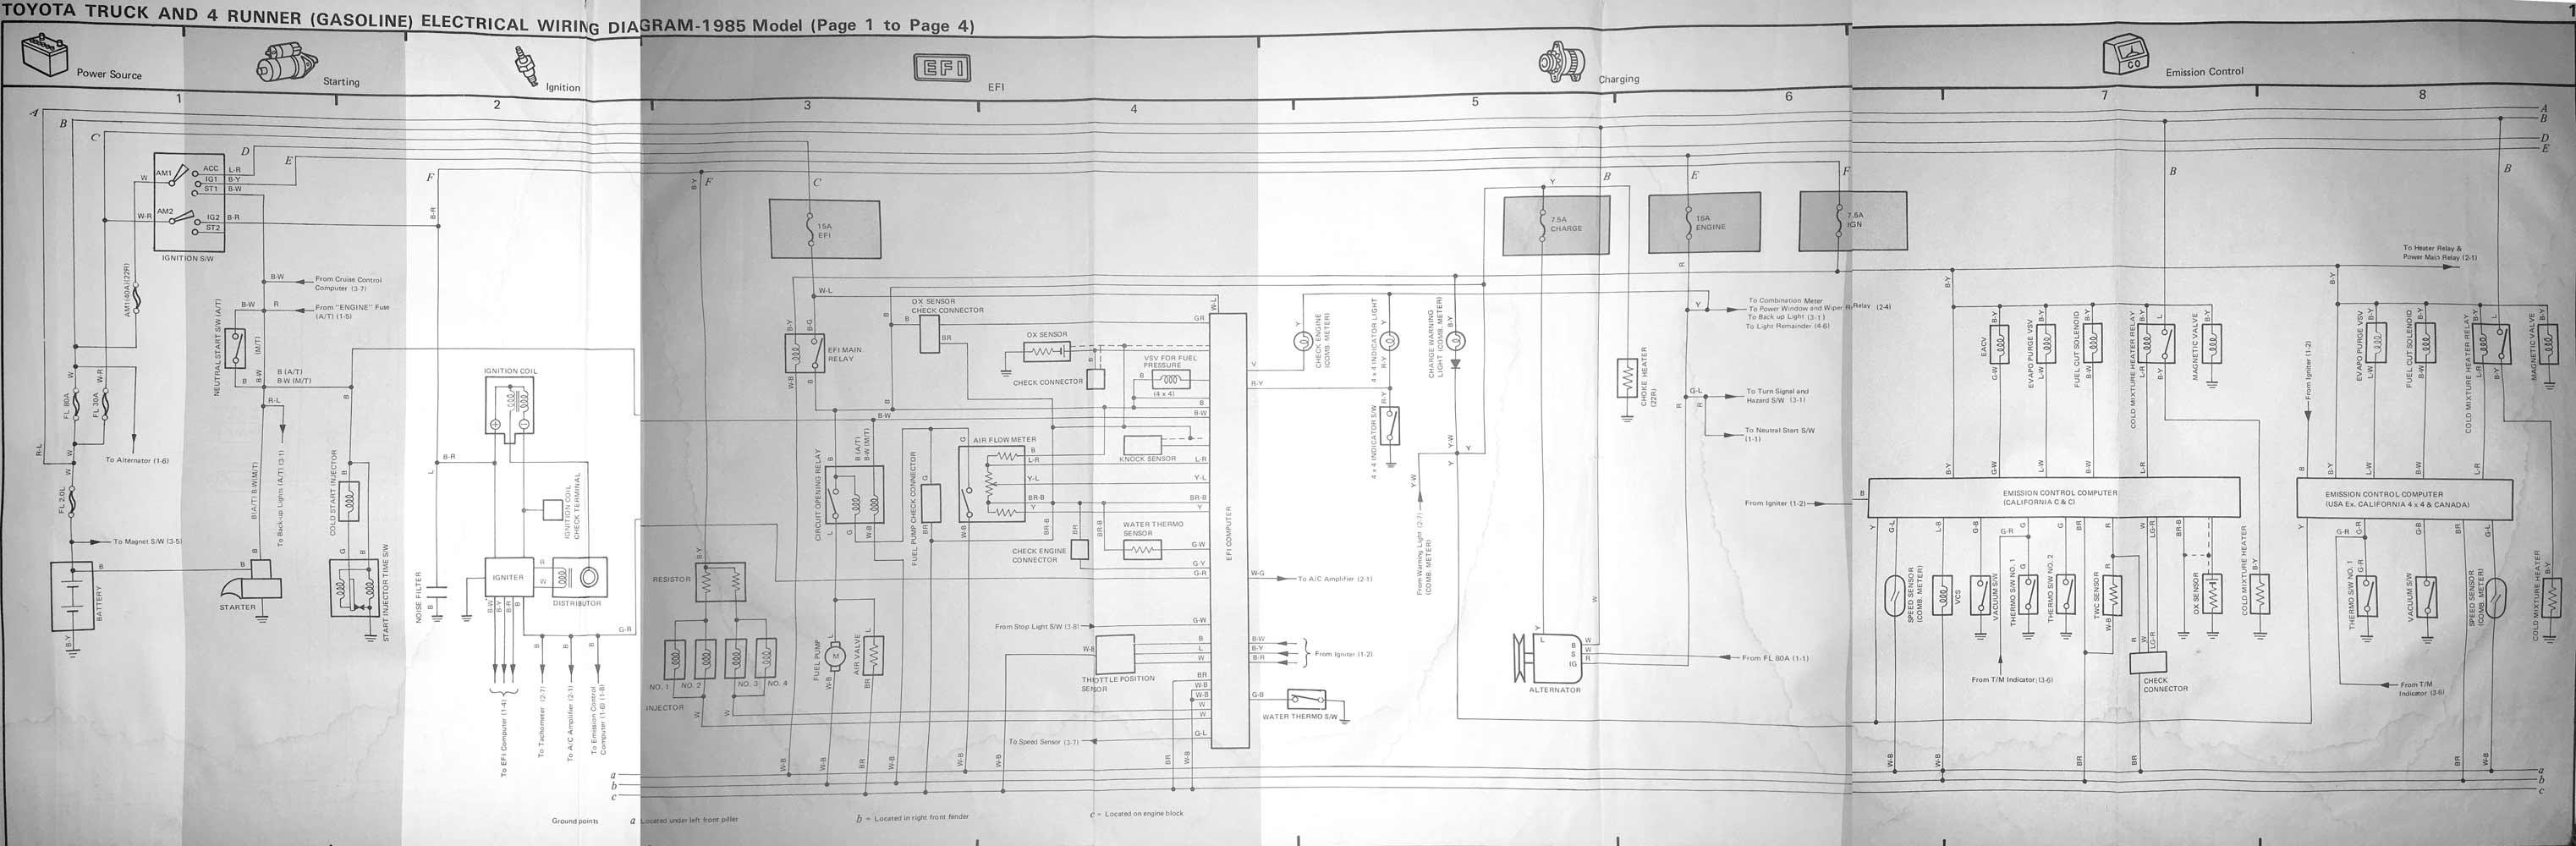 1987 Toyota Truck Engine Diagram Wiring Diagram 92 Toyota Pickup For Wiring Diagram Schematics